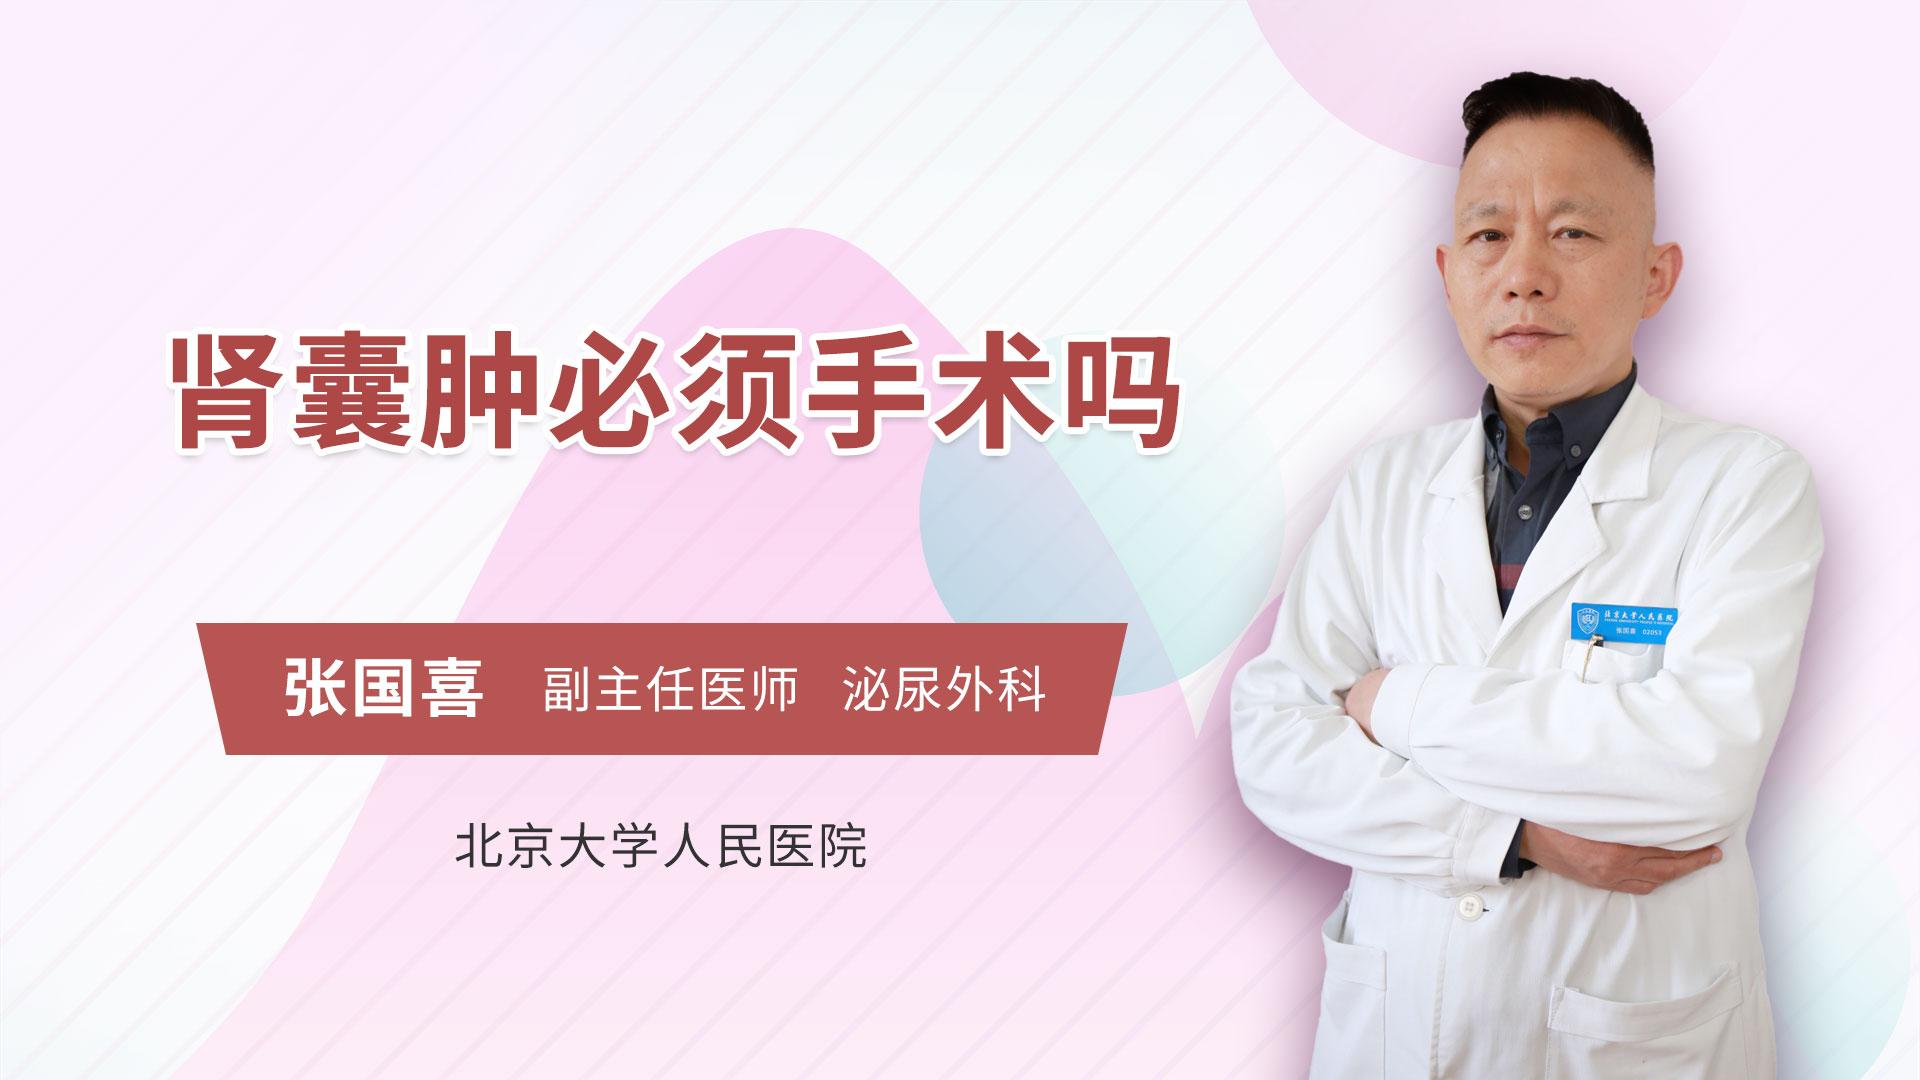 肾囊肿必须手术吗